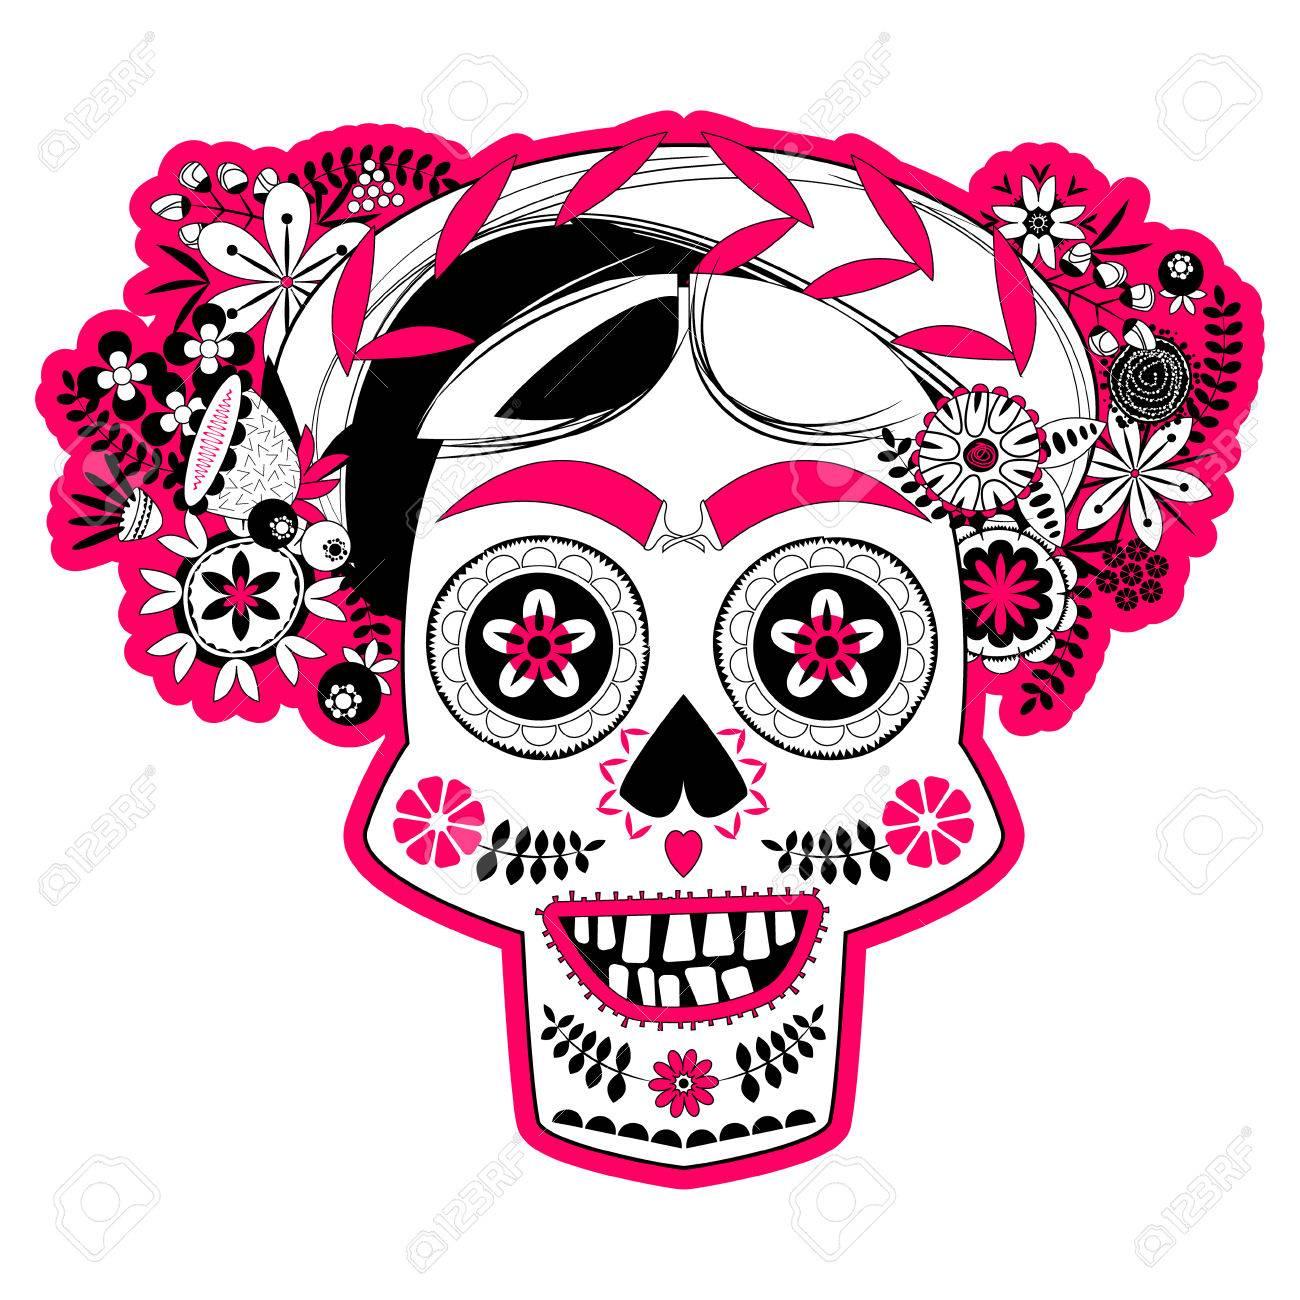 Cráneo Sonriente Con Un Peinado De Flores Decoradas La Calavera